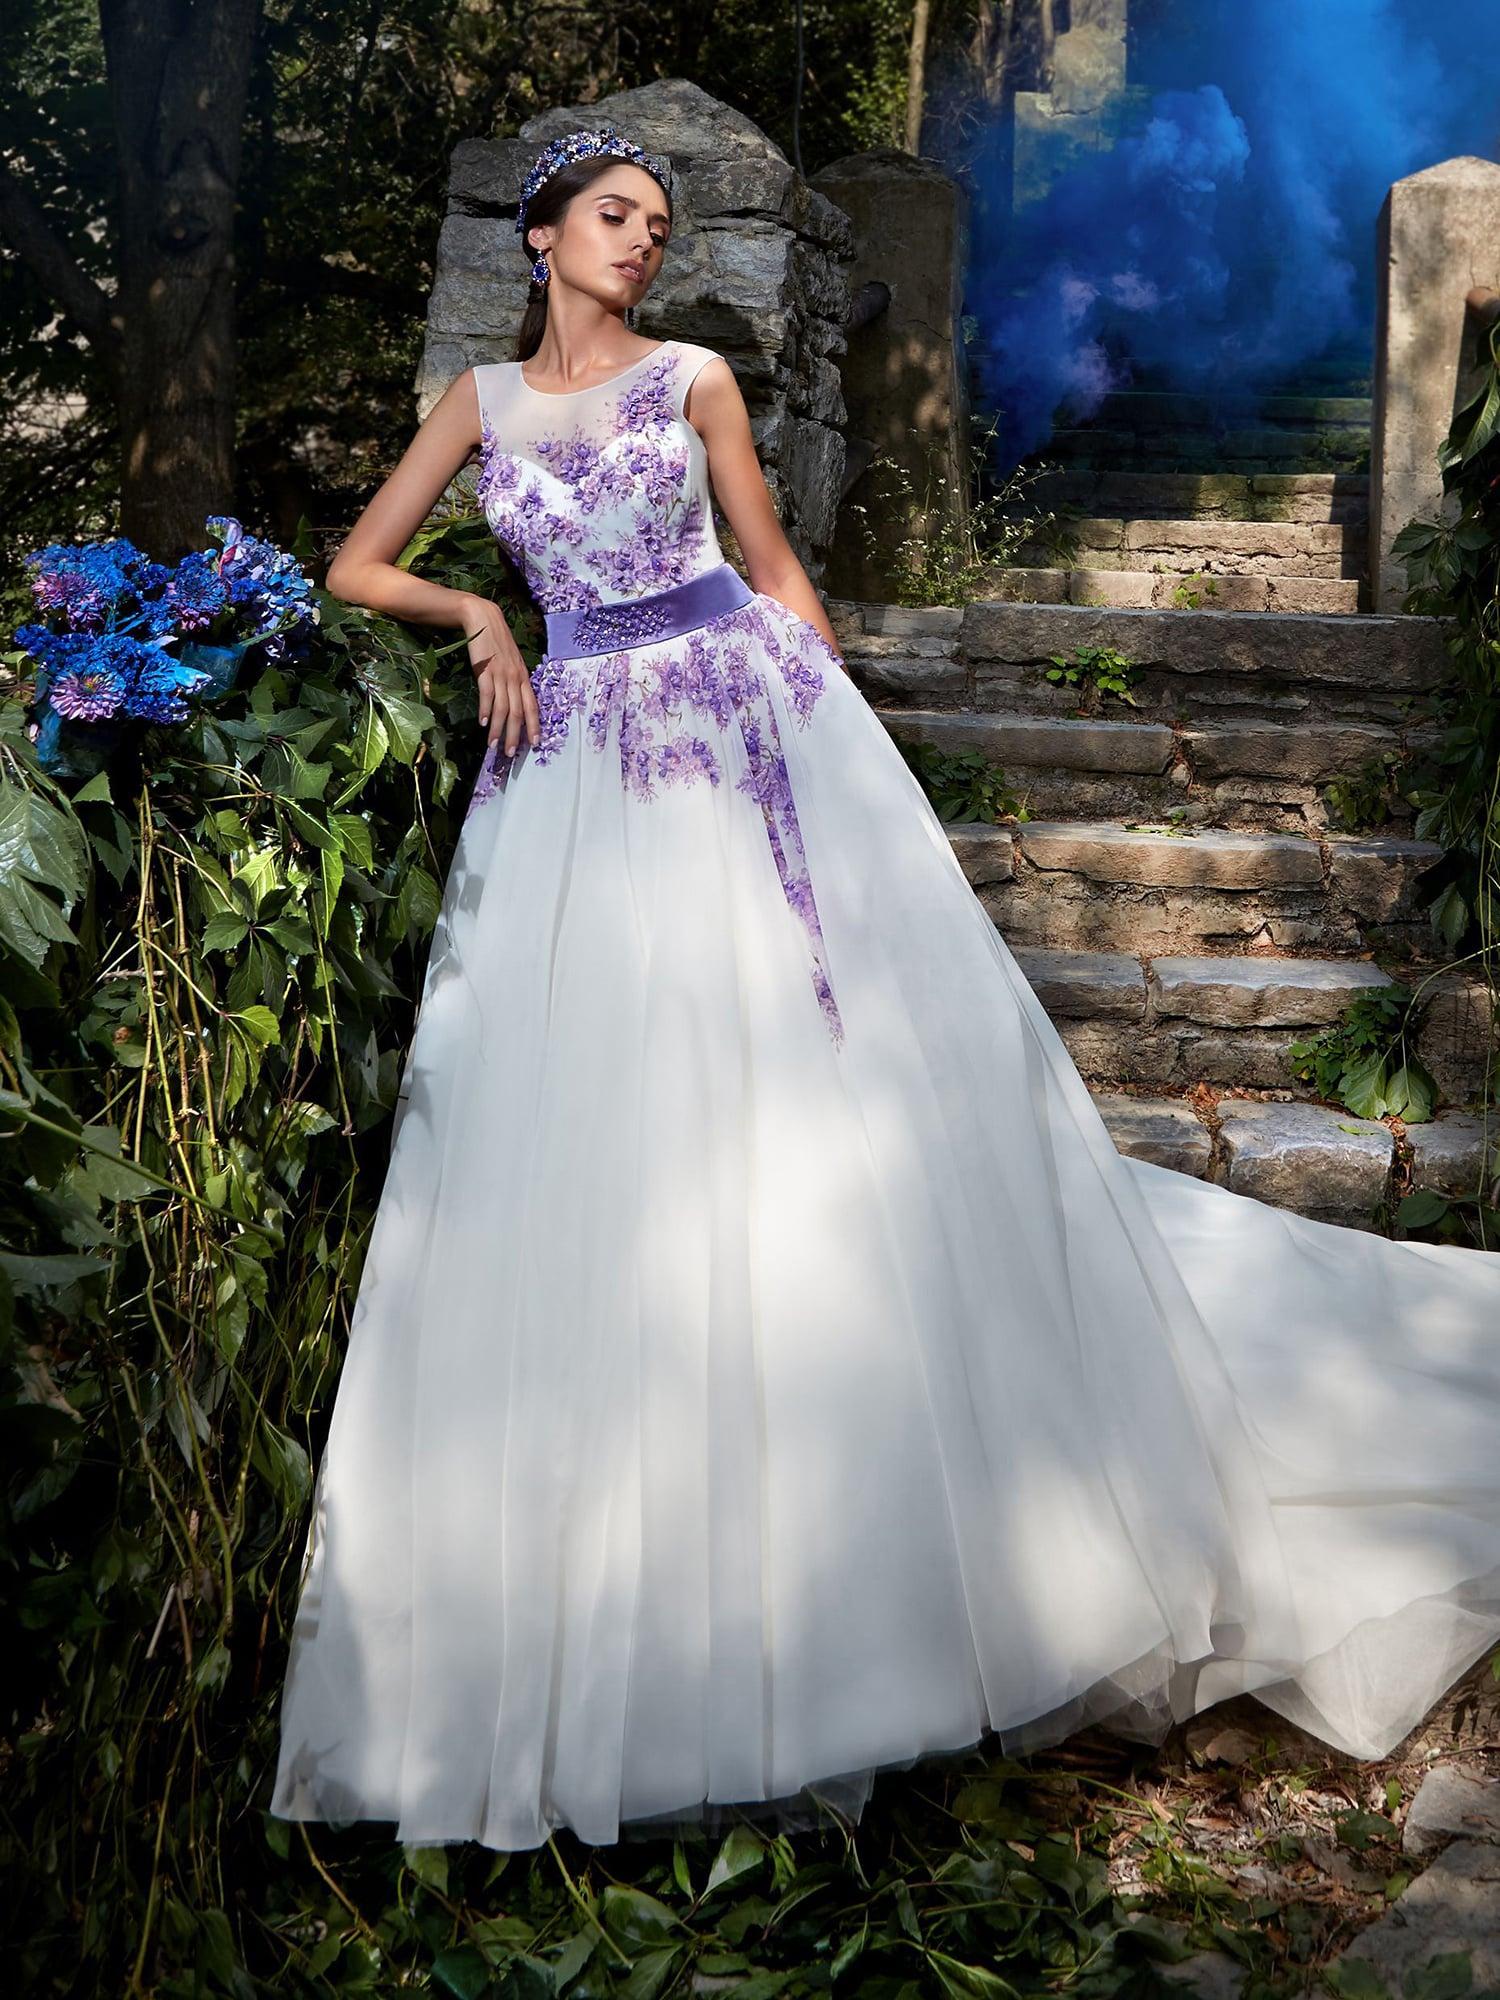 8a9903a4d9e Пышное свадебное платье с оригинальной отделкой в виде голубой бисерной  вышивки.